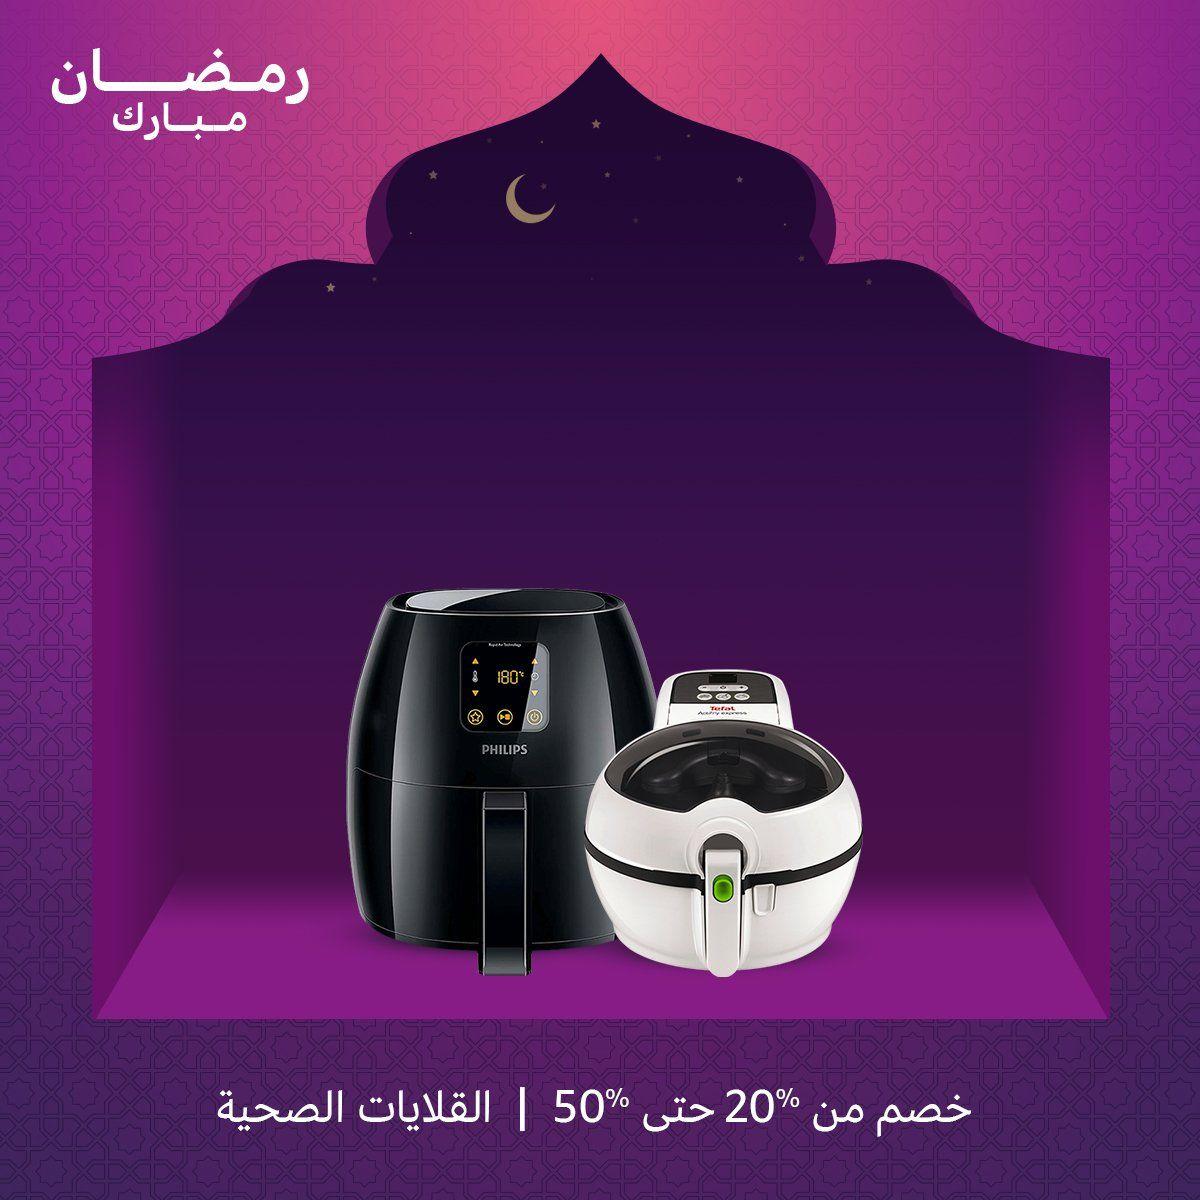 رمضان مبارك عروضنا غير بشهر الخير عروض منوعة على الأجهزة المنزلية والقلايات الكهربائية استخدم كوبون Ramadan واحصل على خصم إضافي Baby Shop Darth Philips